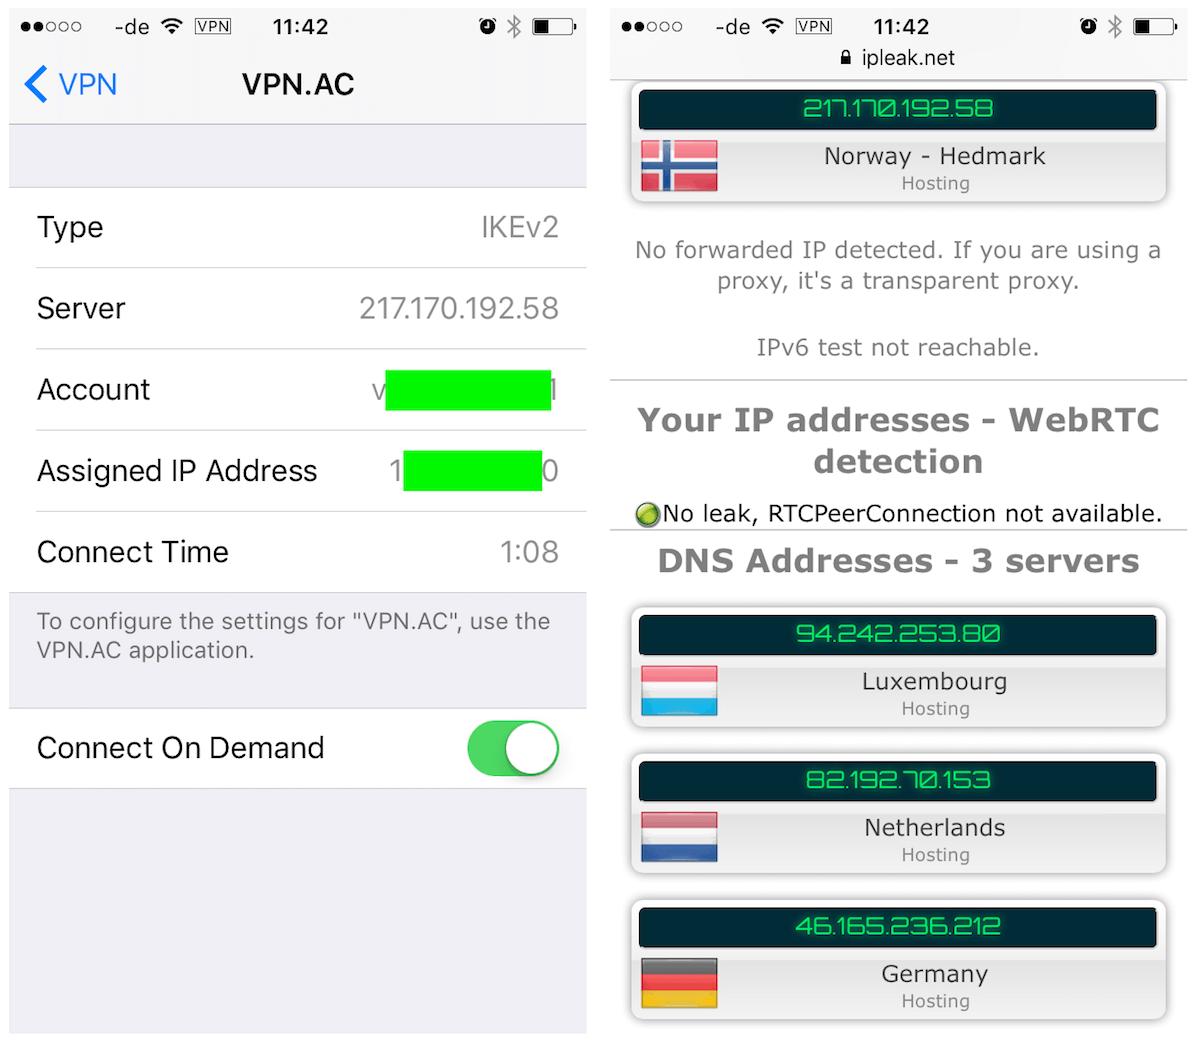 vpnac ios app